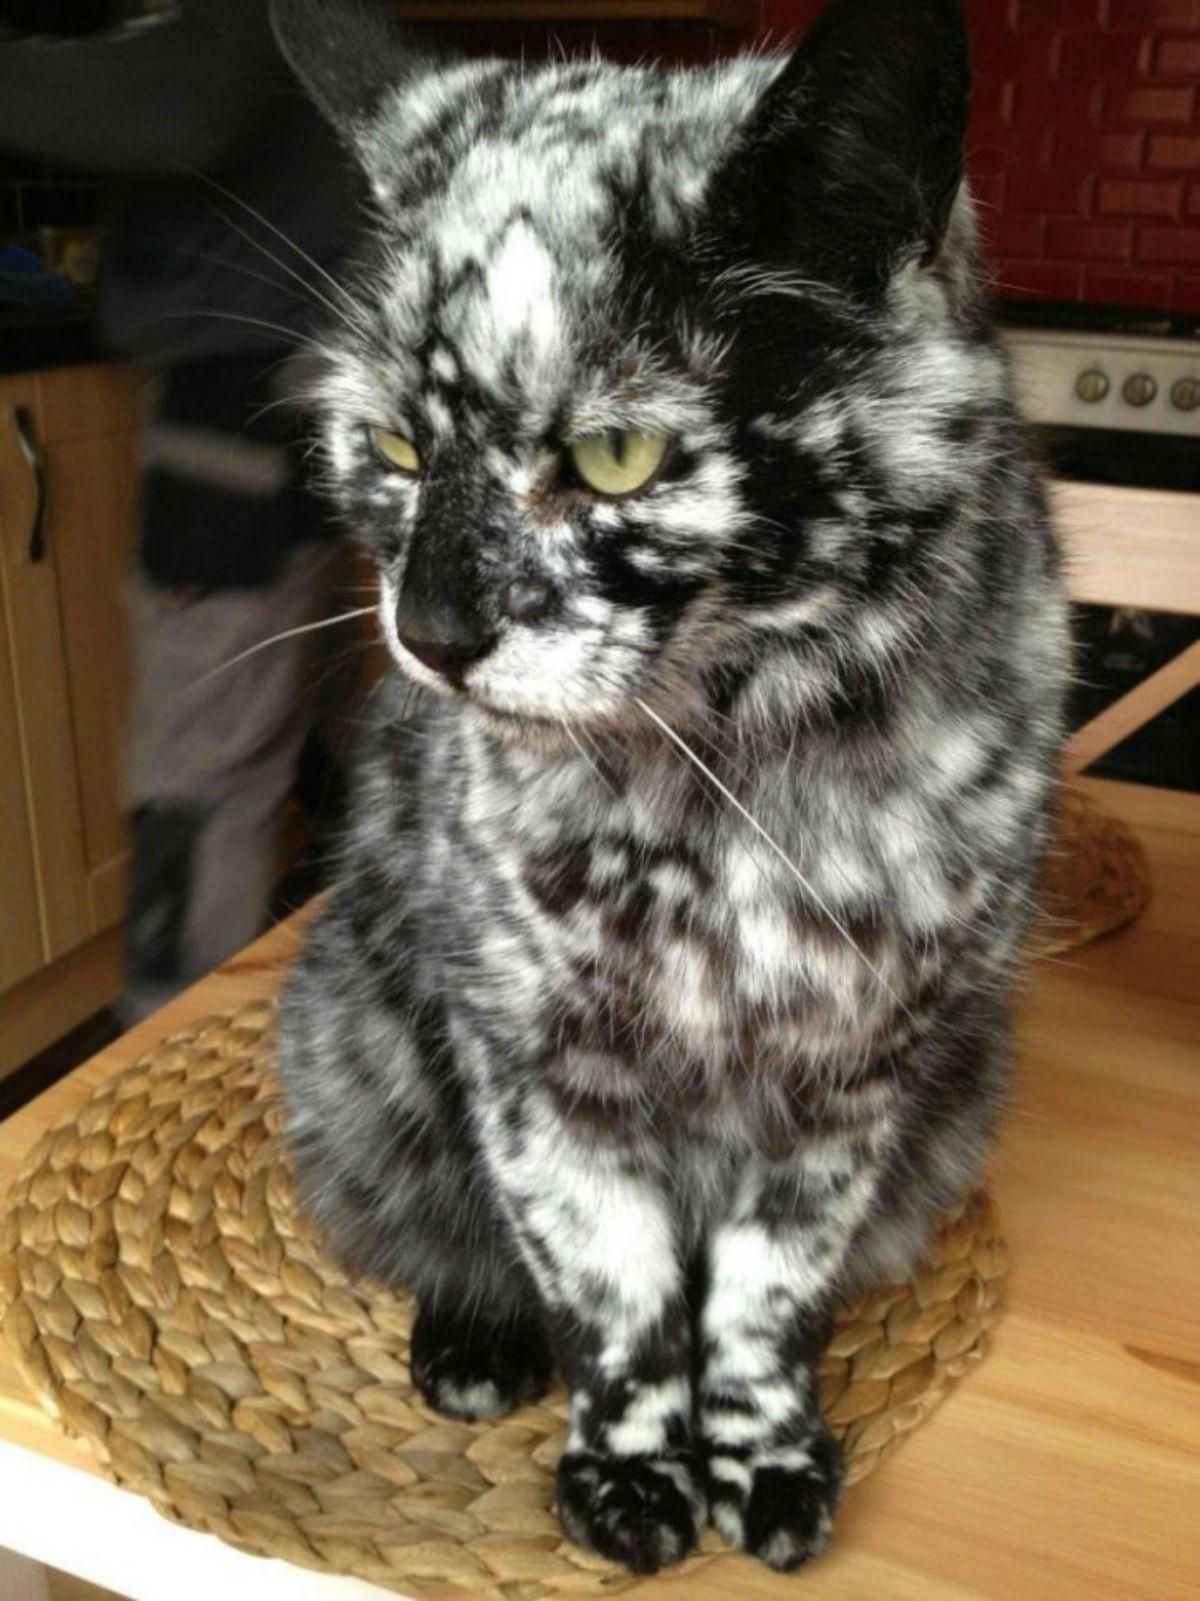 18 замечательных кошек с необычным oкpacом